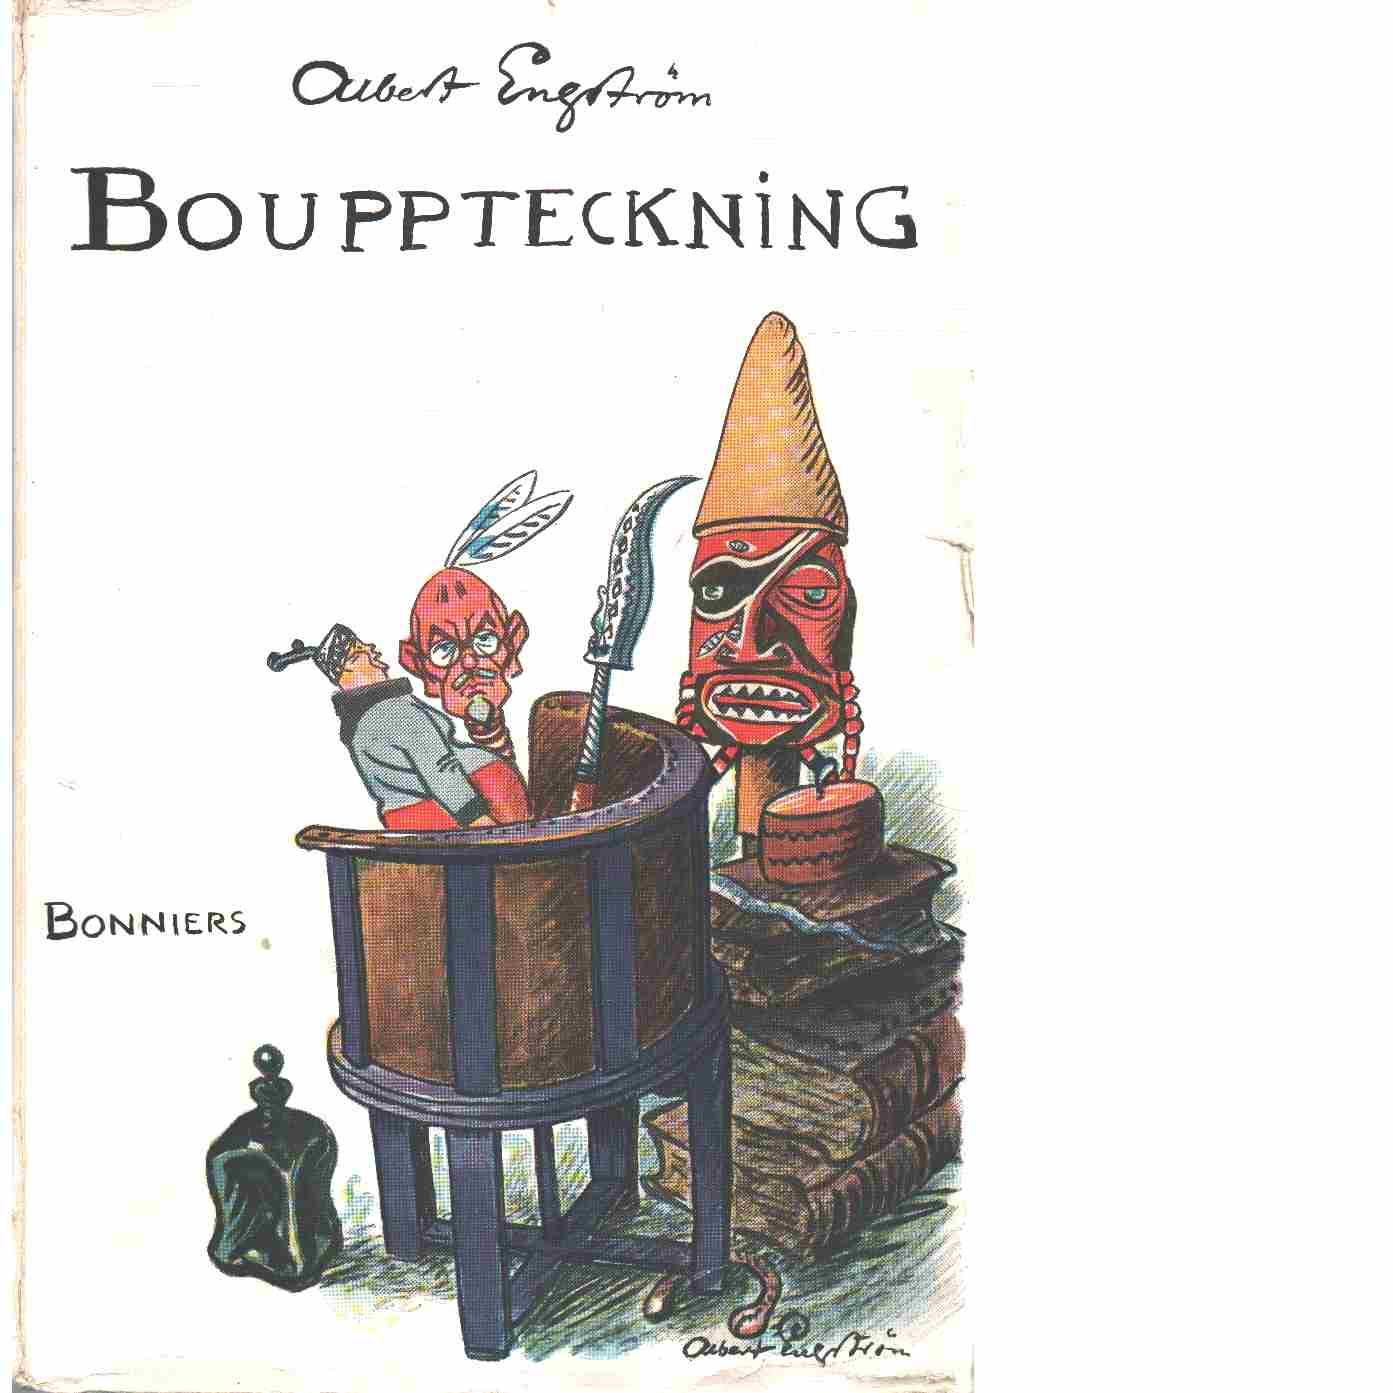 Bouppteckning - Engström, Albert